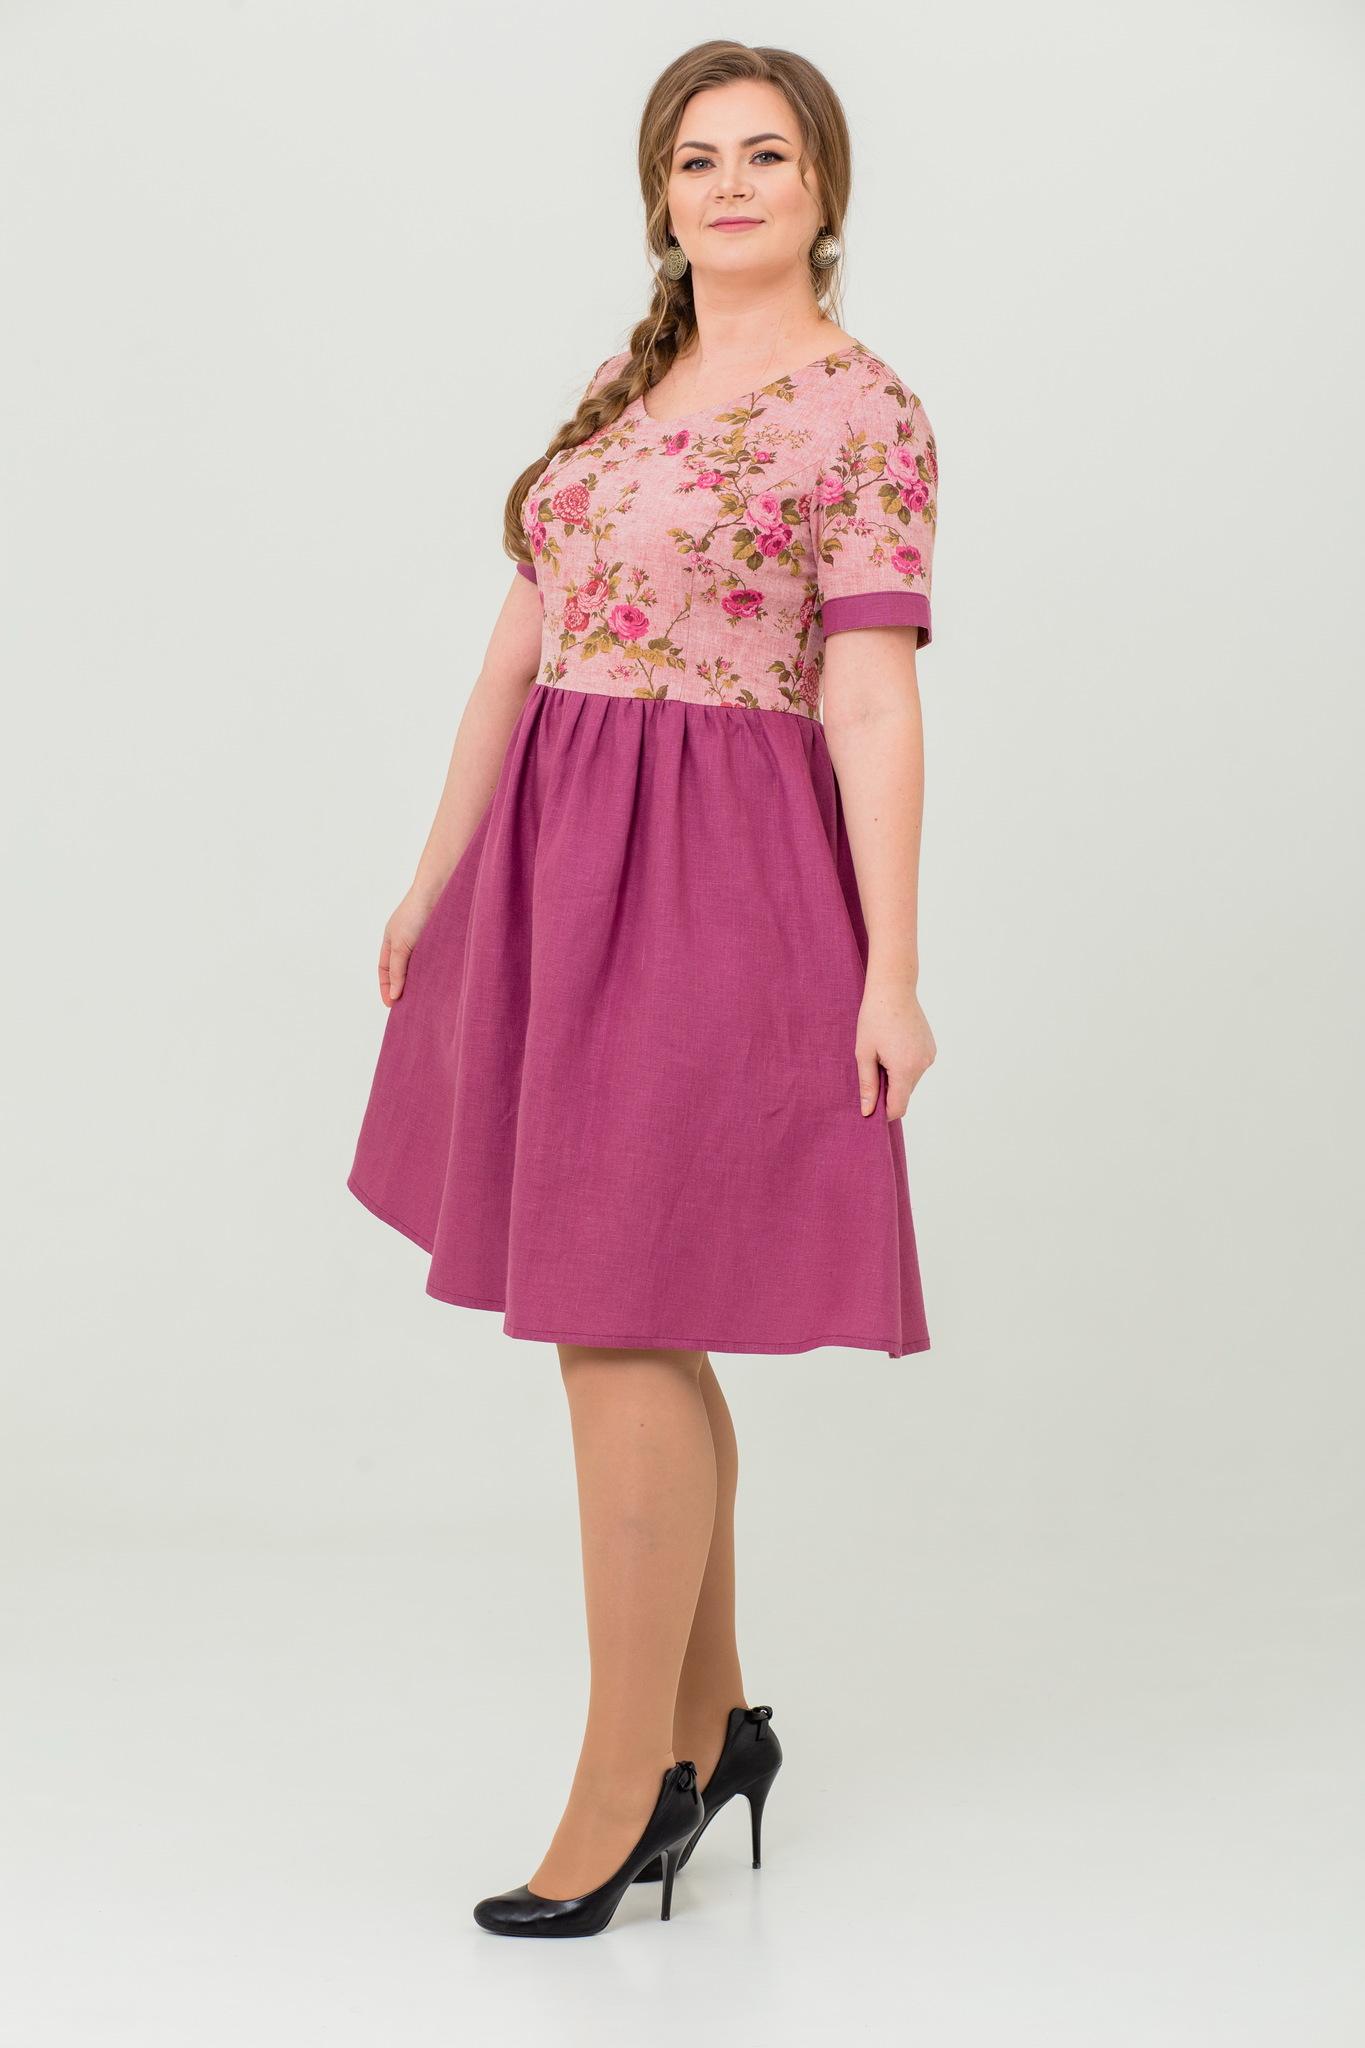 льняное платье Розовый бутон славянское